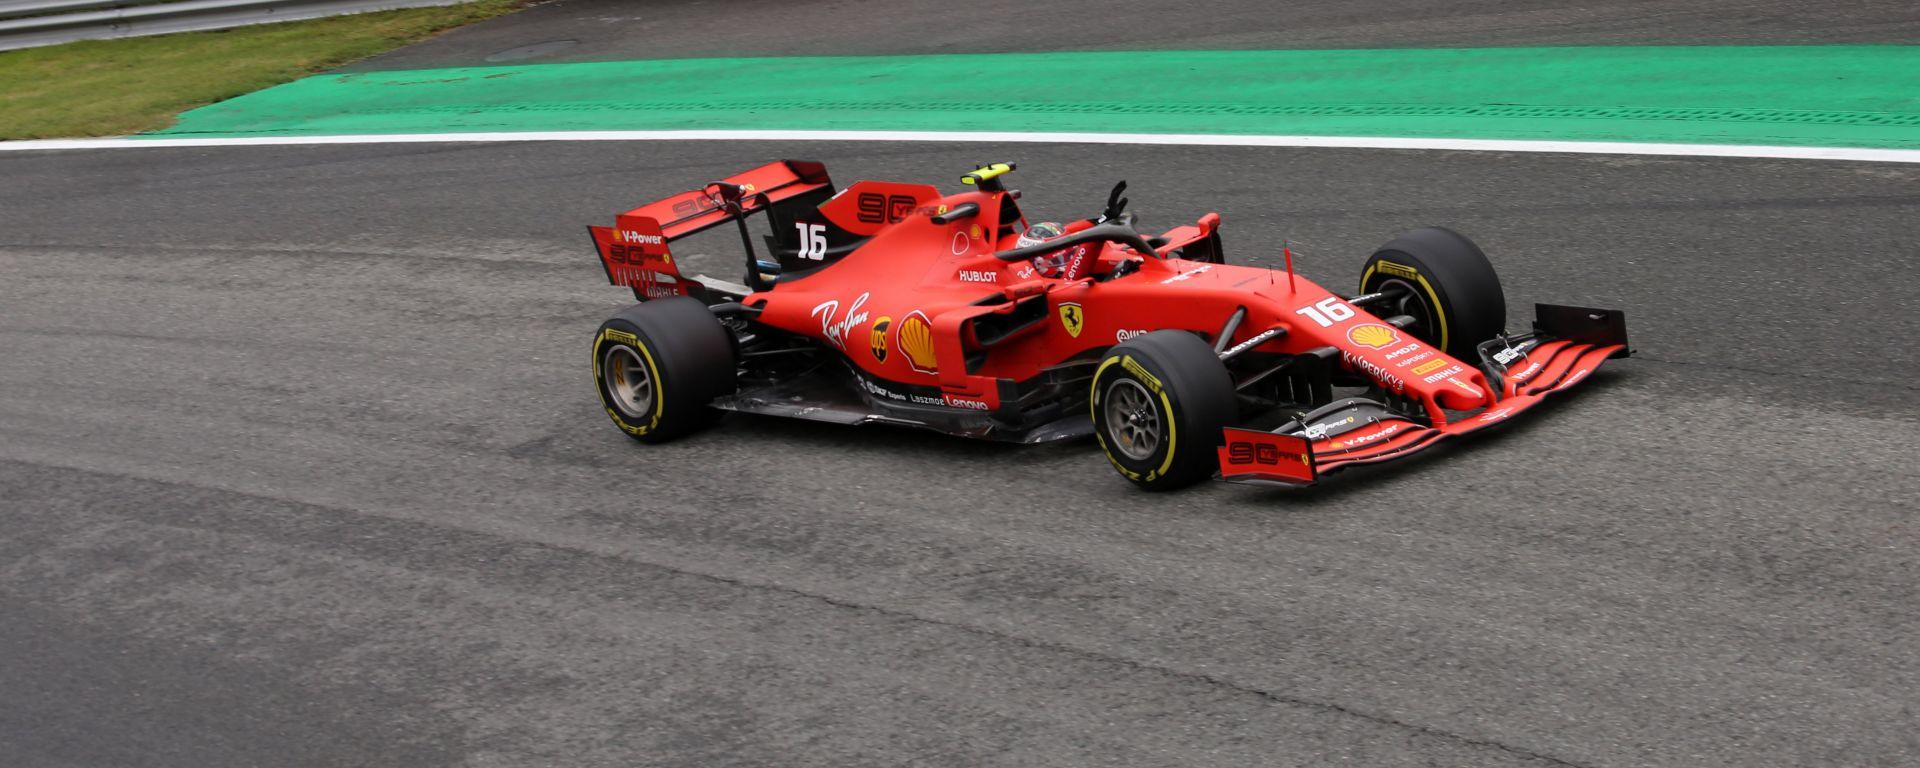 F1 GP Italia 2019, Monza: Charles Leclerc (Ferrari) è il più rapido al termine delle PL2